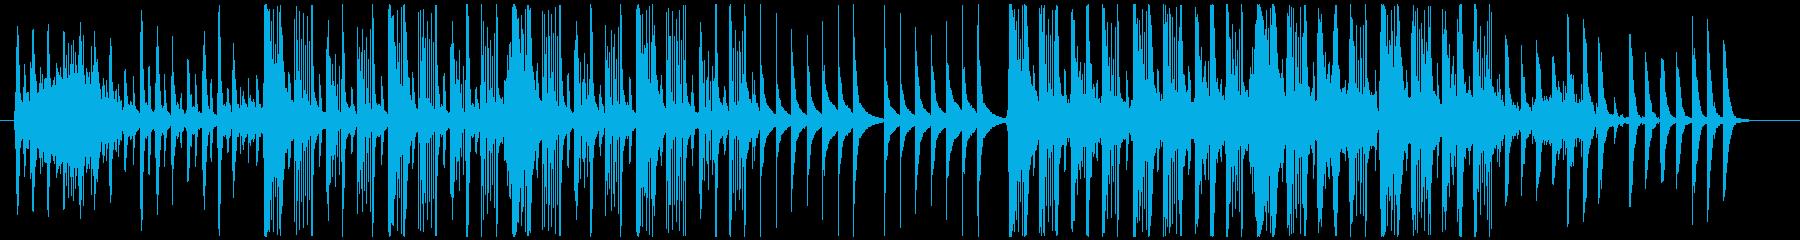 ピタゴラスイッチ風の不思議でコミカルな曲の再生済みの波形